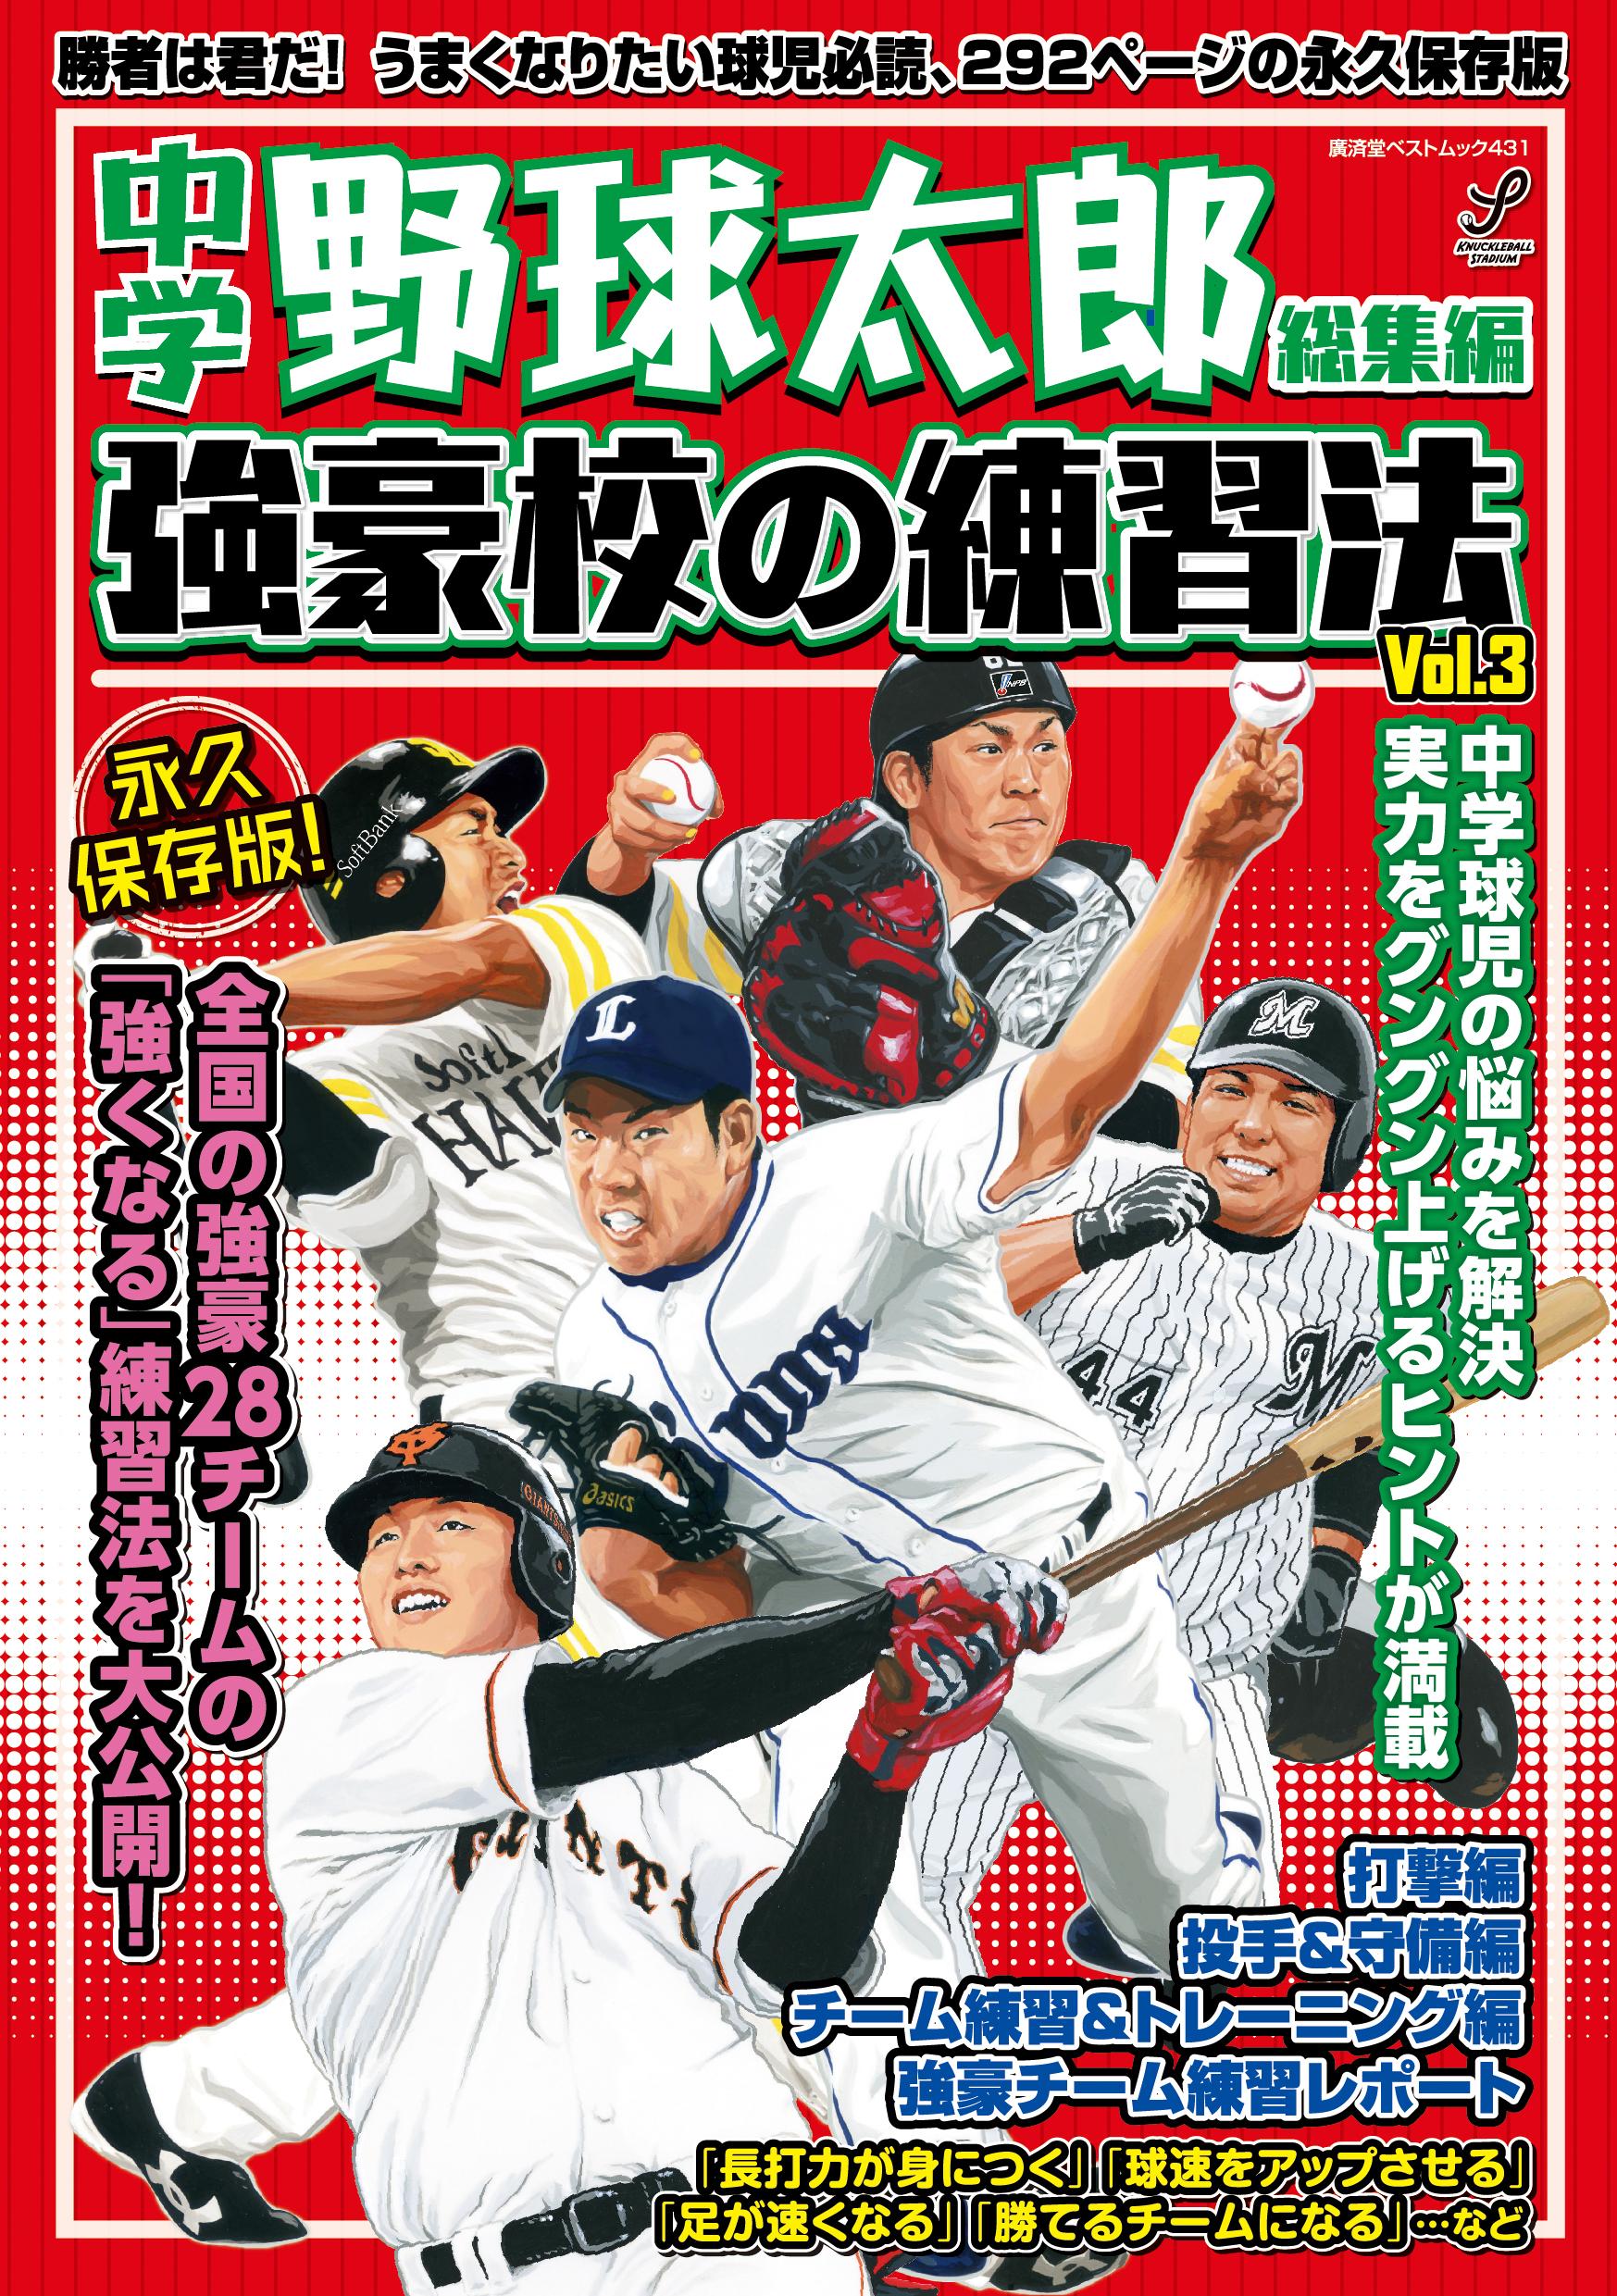 『中学野球太郎 総集編 強豪校の練習法Vol.3』1月15日発売です!